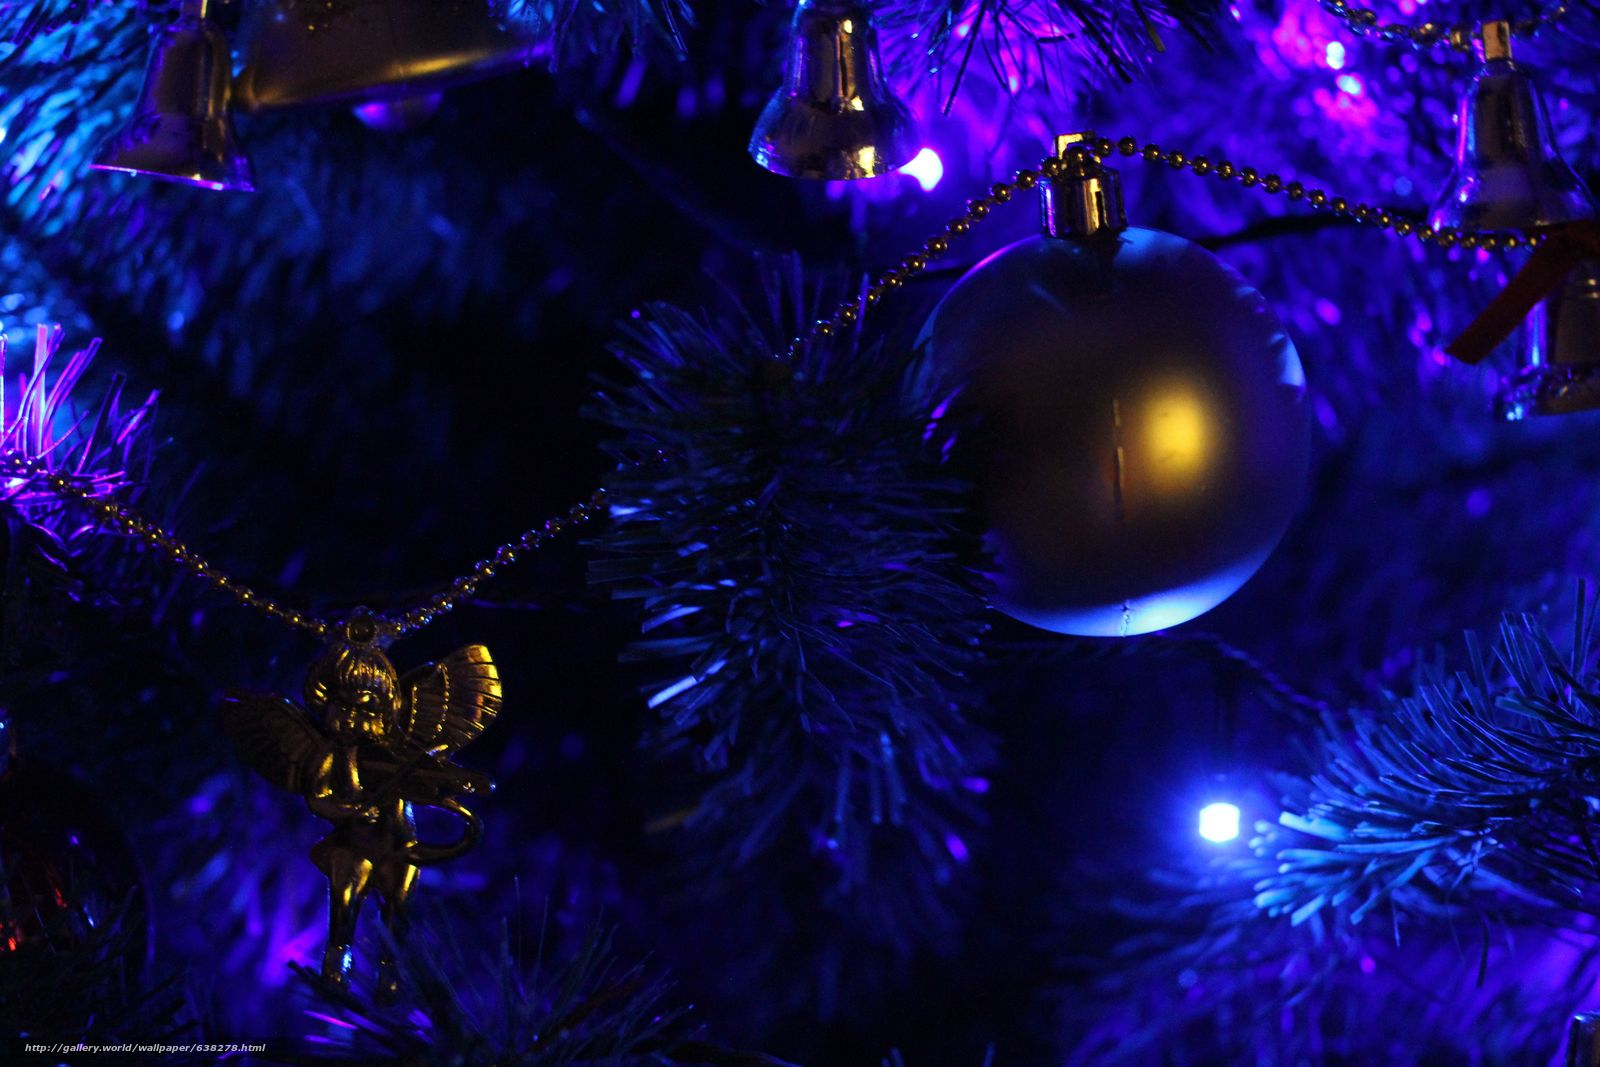 Скачать обои новогодняя ёлка,  гирлянды,  огни,  игрушки бесплатно для рабочего стола в разрешении 5120x3413 — картинка №638278